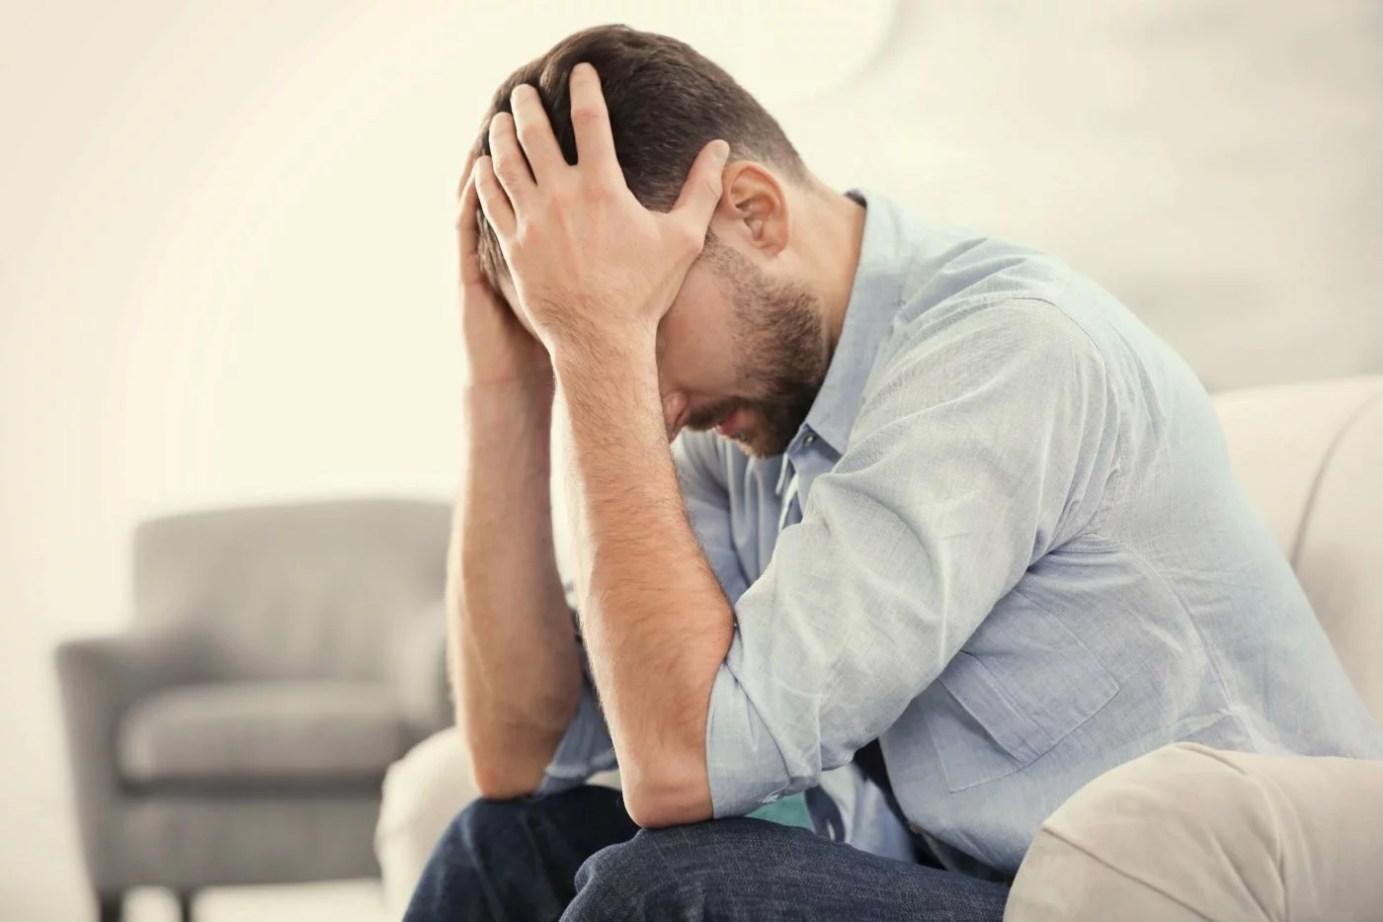 causas de baja libido y disfunción eréctil